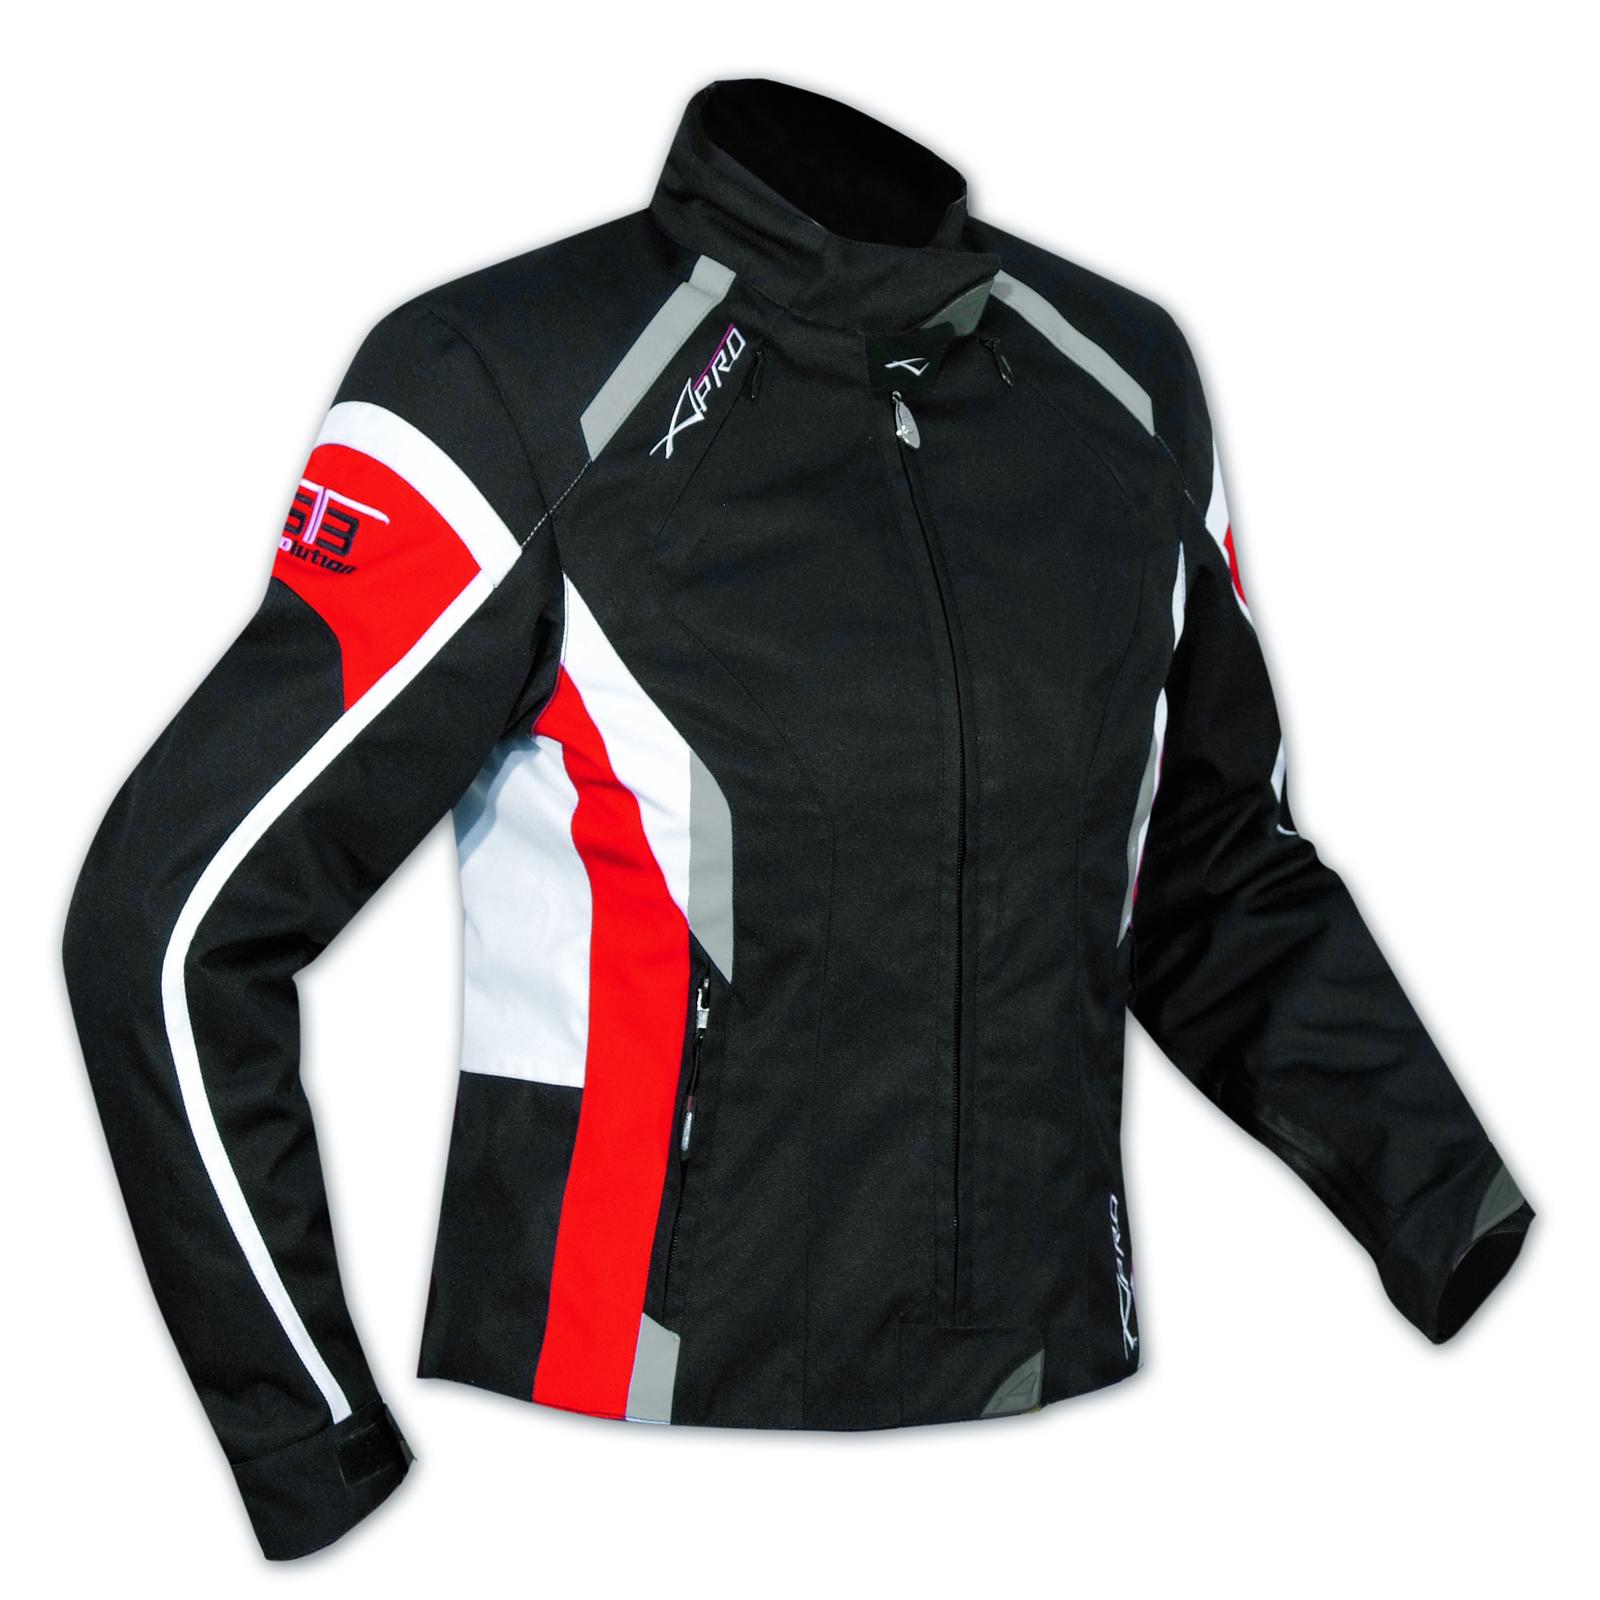 chaquetas moto mujer 4 estaciones